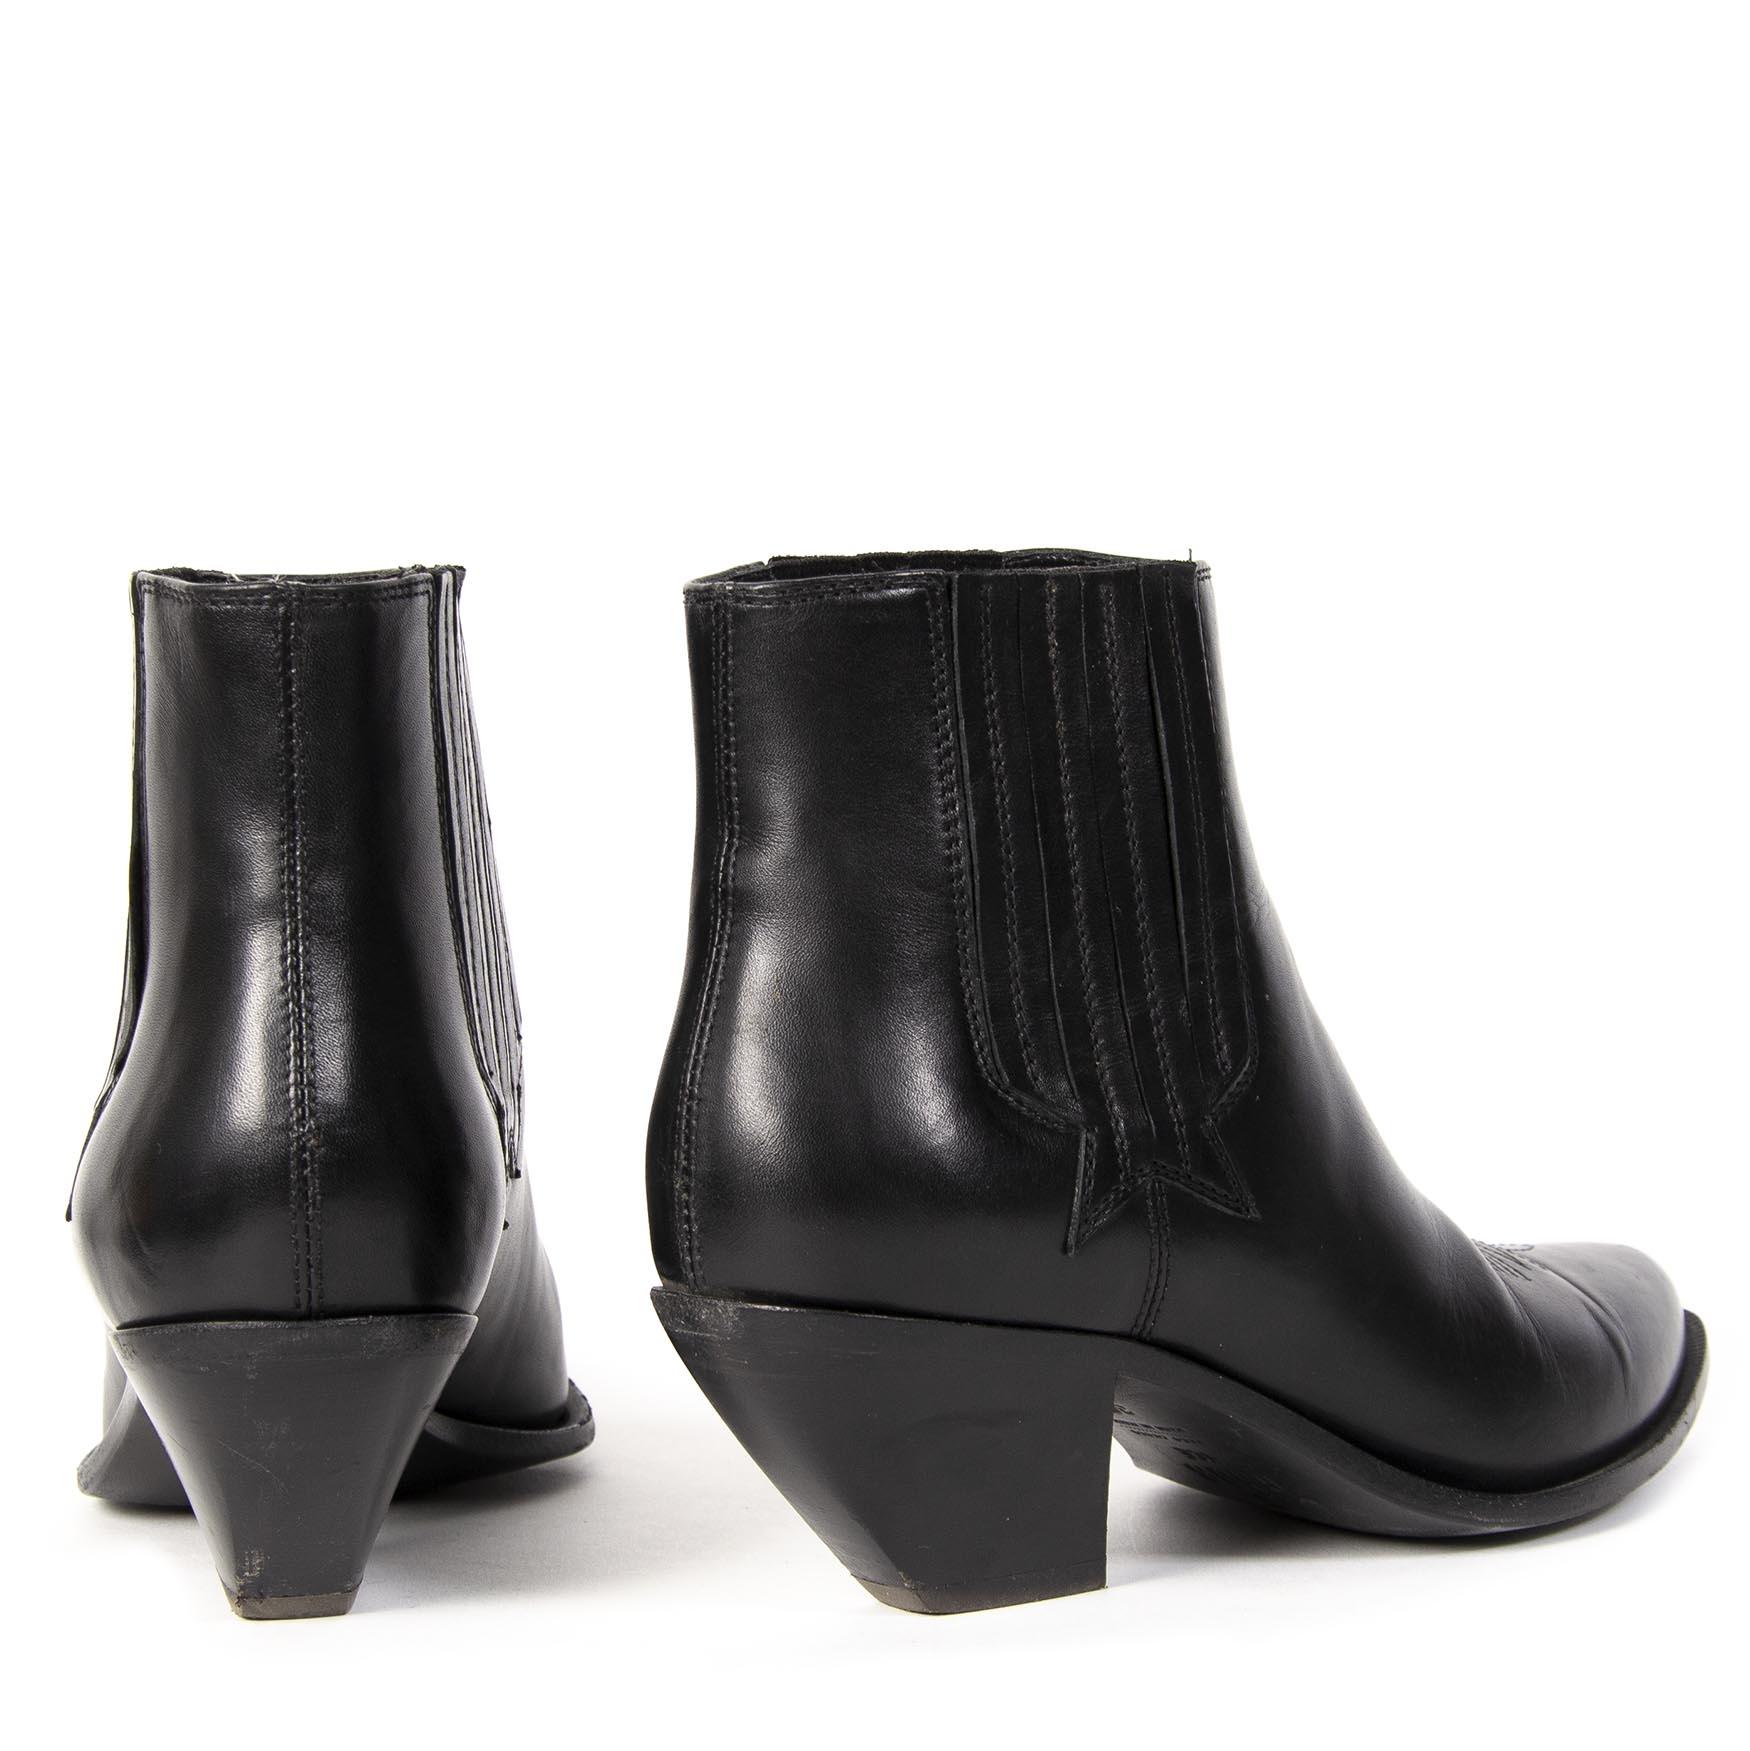 Authentieke tweedehands Golden Goose zwarte leren enkellaarzen juiste prijs veilig online winkelen LabelLOV webshop luxe merken winkelen Antwerpen België mode fashion